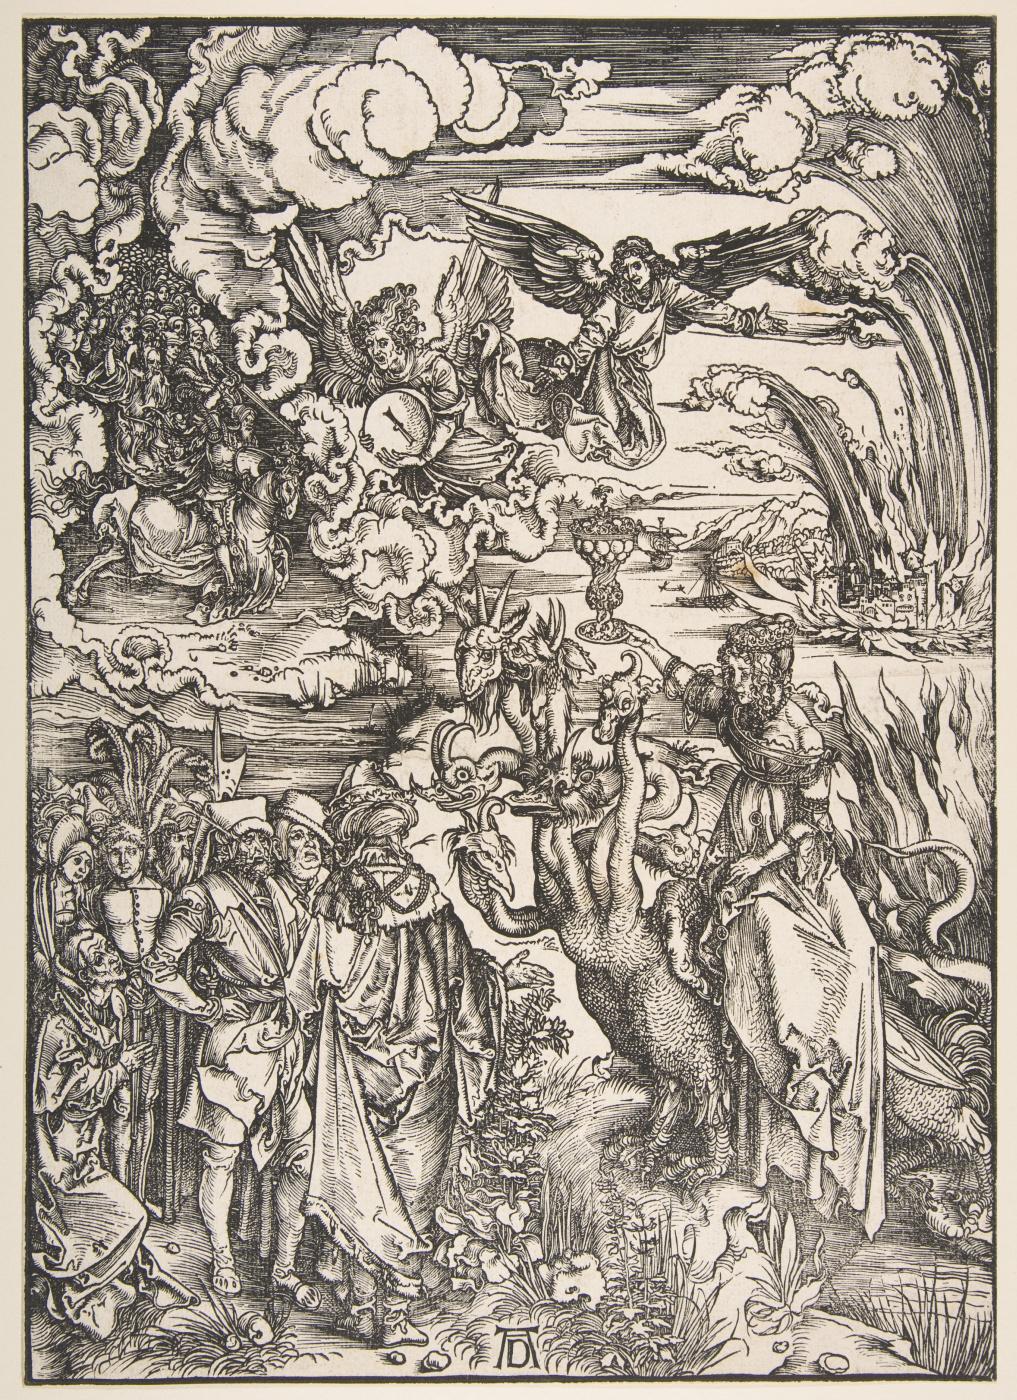 Albrecht Durer. The whore of Babylon